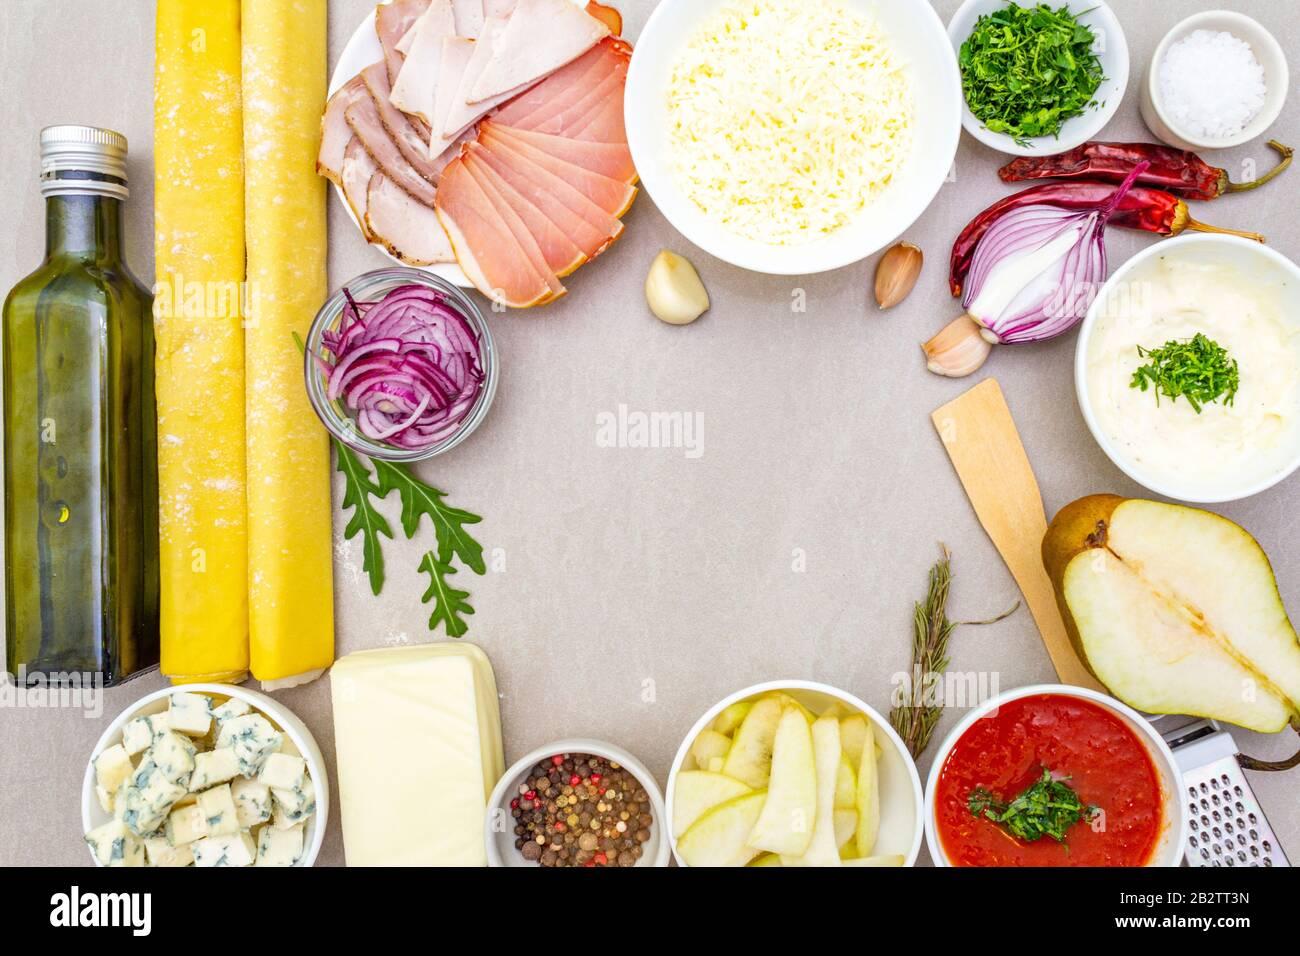 Concept de nourriture pour les enfants (enfants) et les œufs de poulet (lapins) de Pâques. Avec carotte sur plaque rosé (rose). Arrière-plan en bois, vue de dessus. Banque D'Images